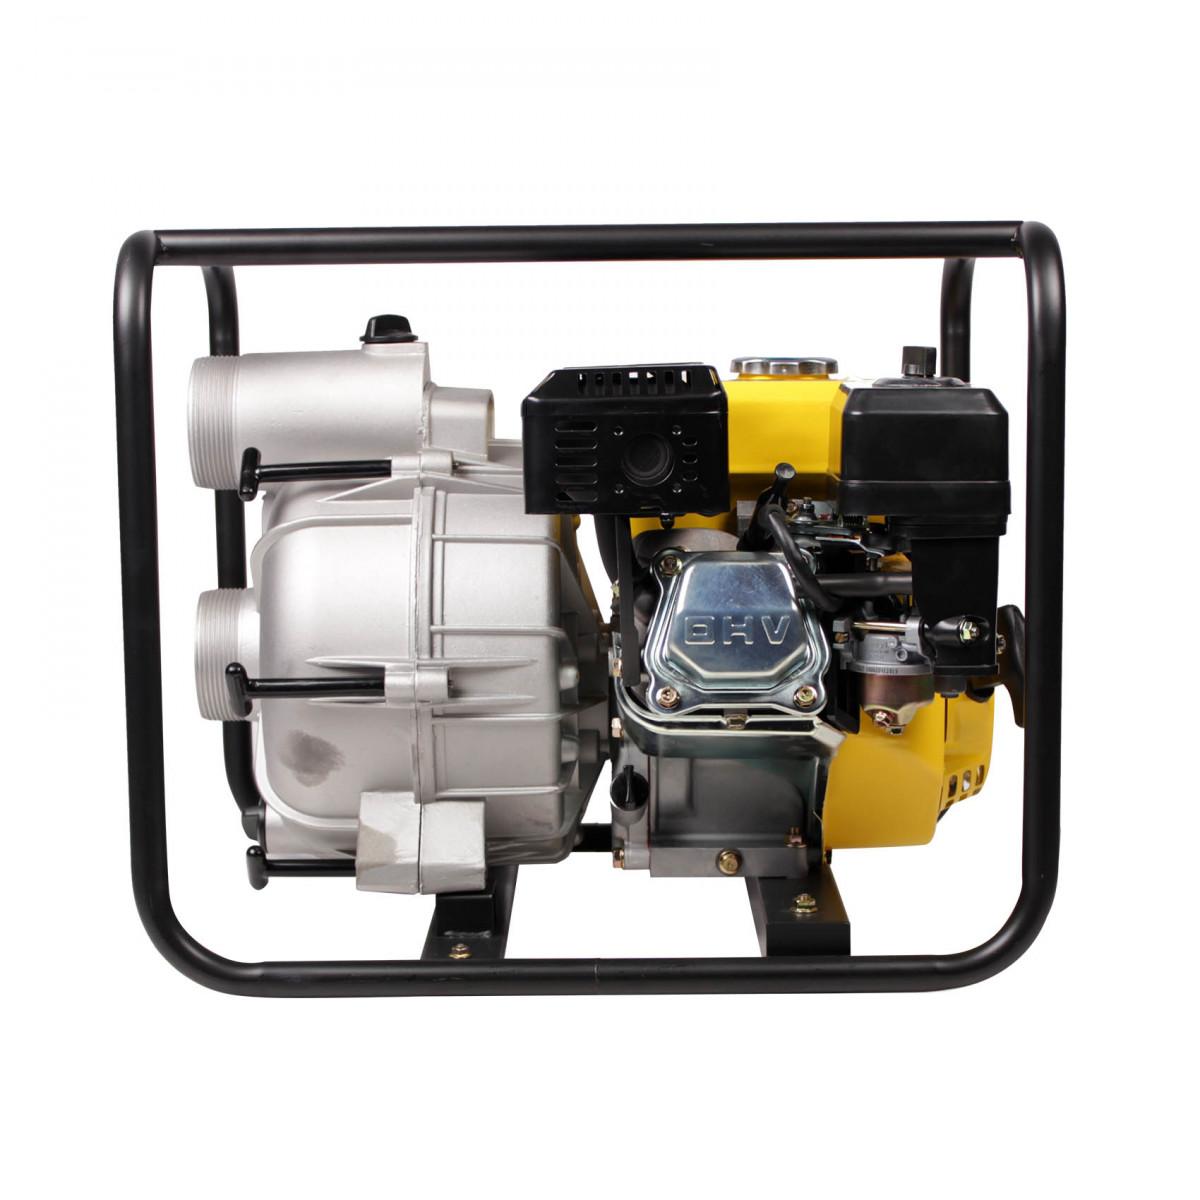 Мотопомпа CHAMPION GTP82 грязн (4,8кВт/6,5л/с,1300л/м,34,3кг) БЕЗ МАСЛА